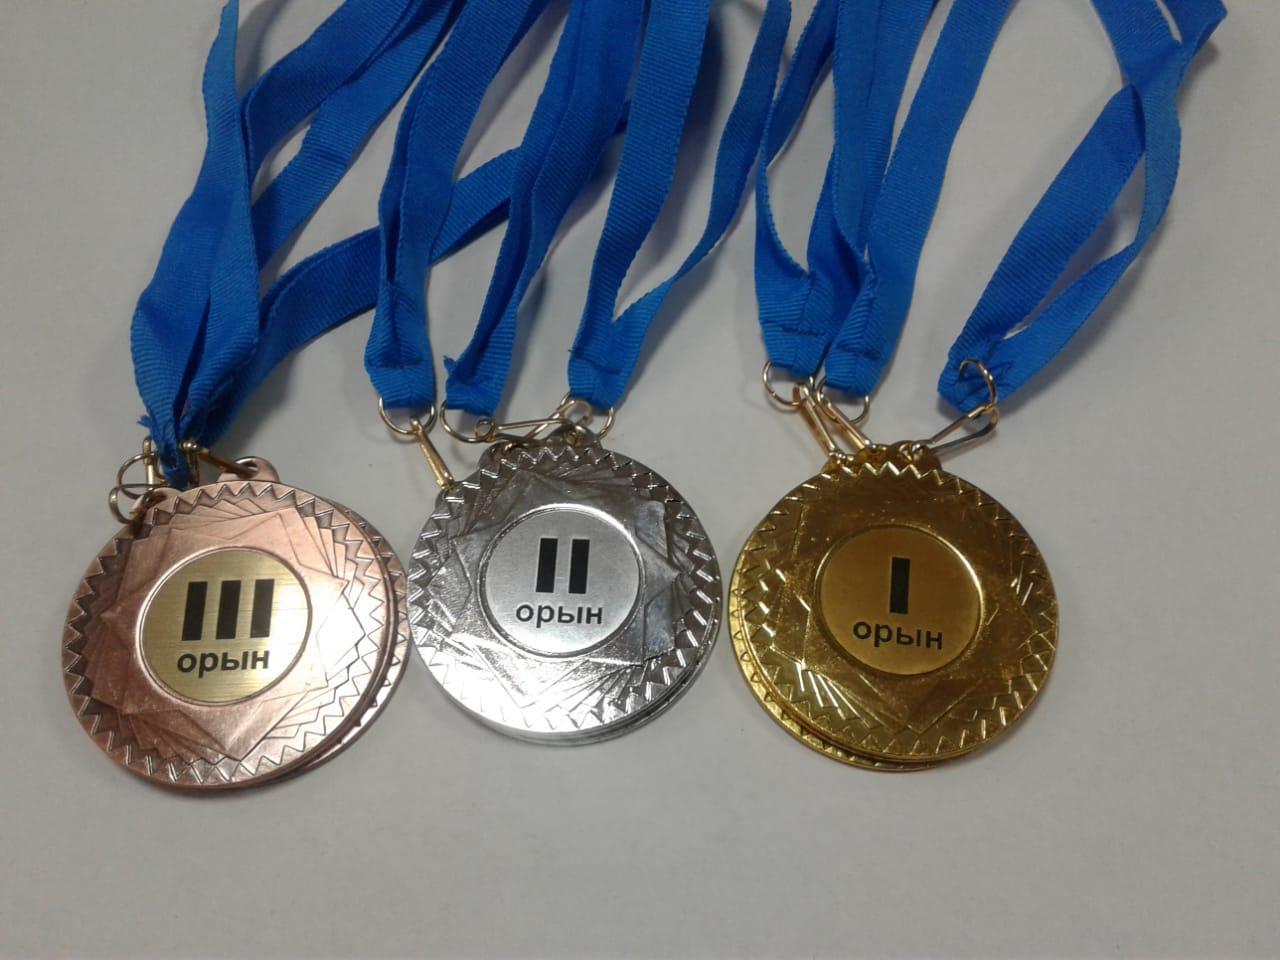 Изготовление значков и медалей на заказ по индивидуальному заказу